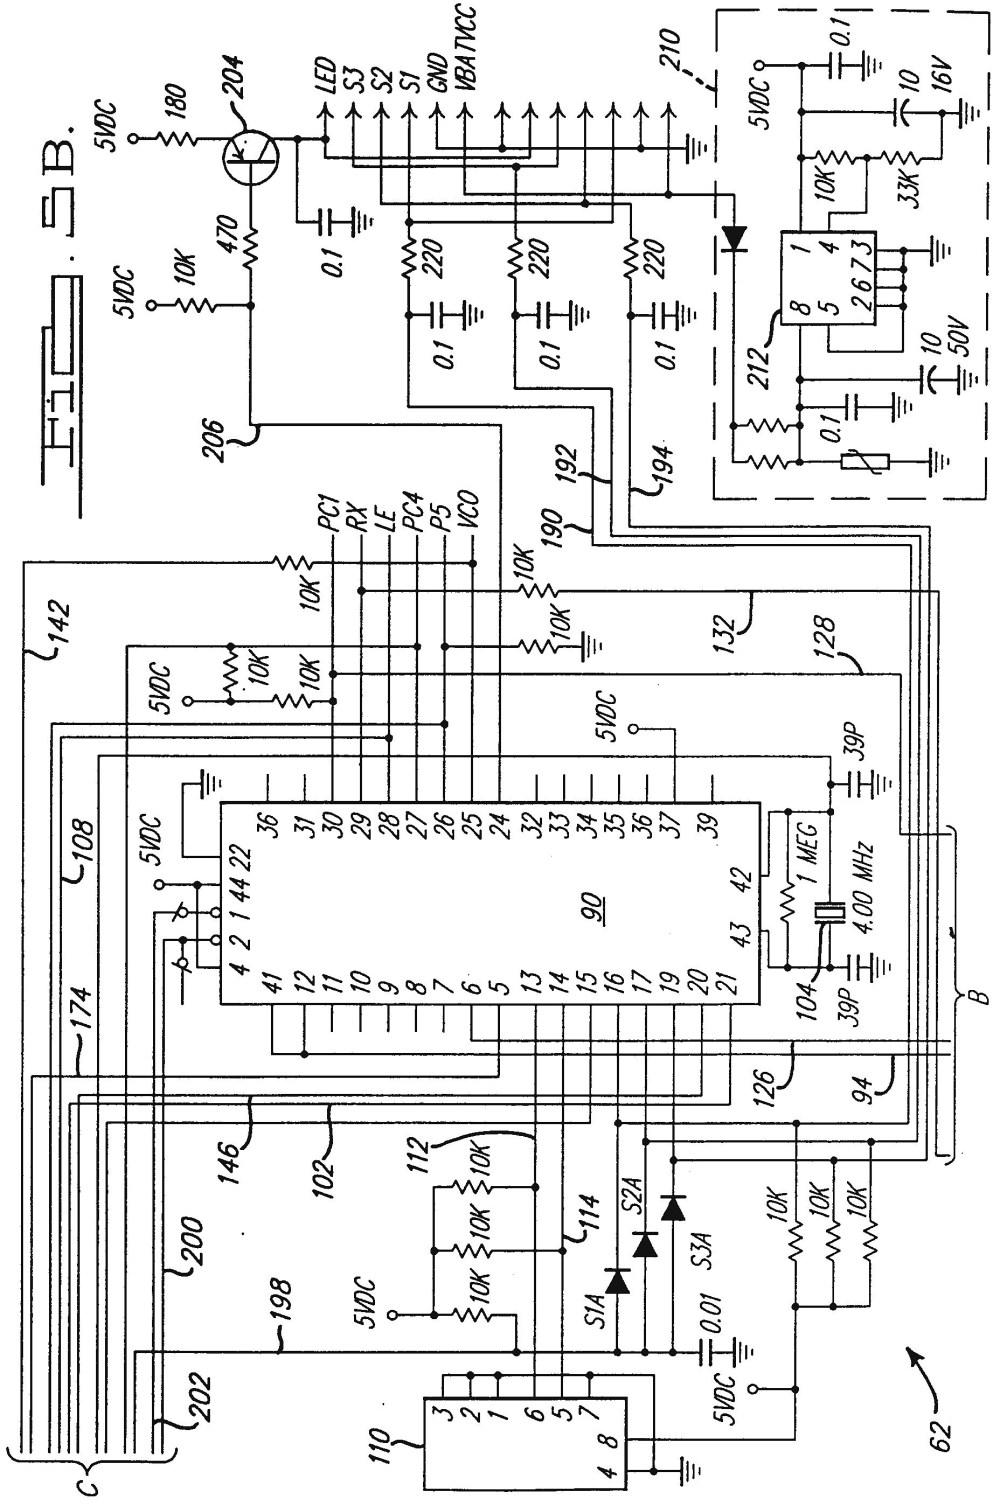 medium resolution of liftmaster garage door opener wiring schematic electrical wiring diagram for garage new genie garage door